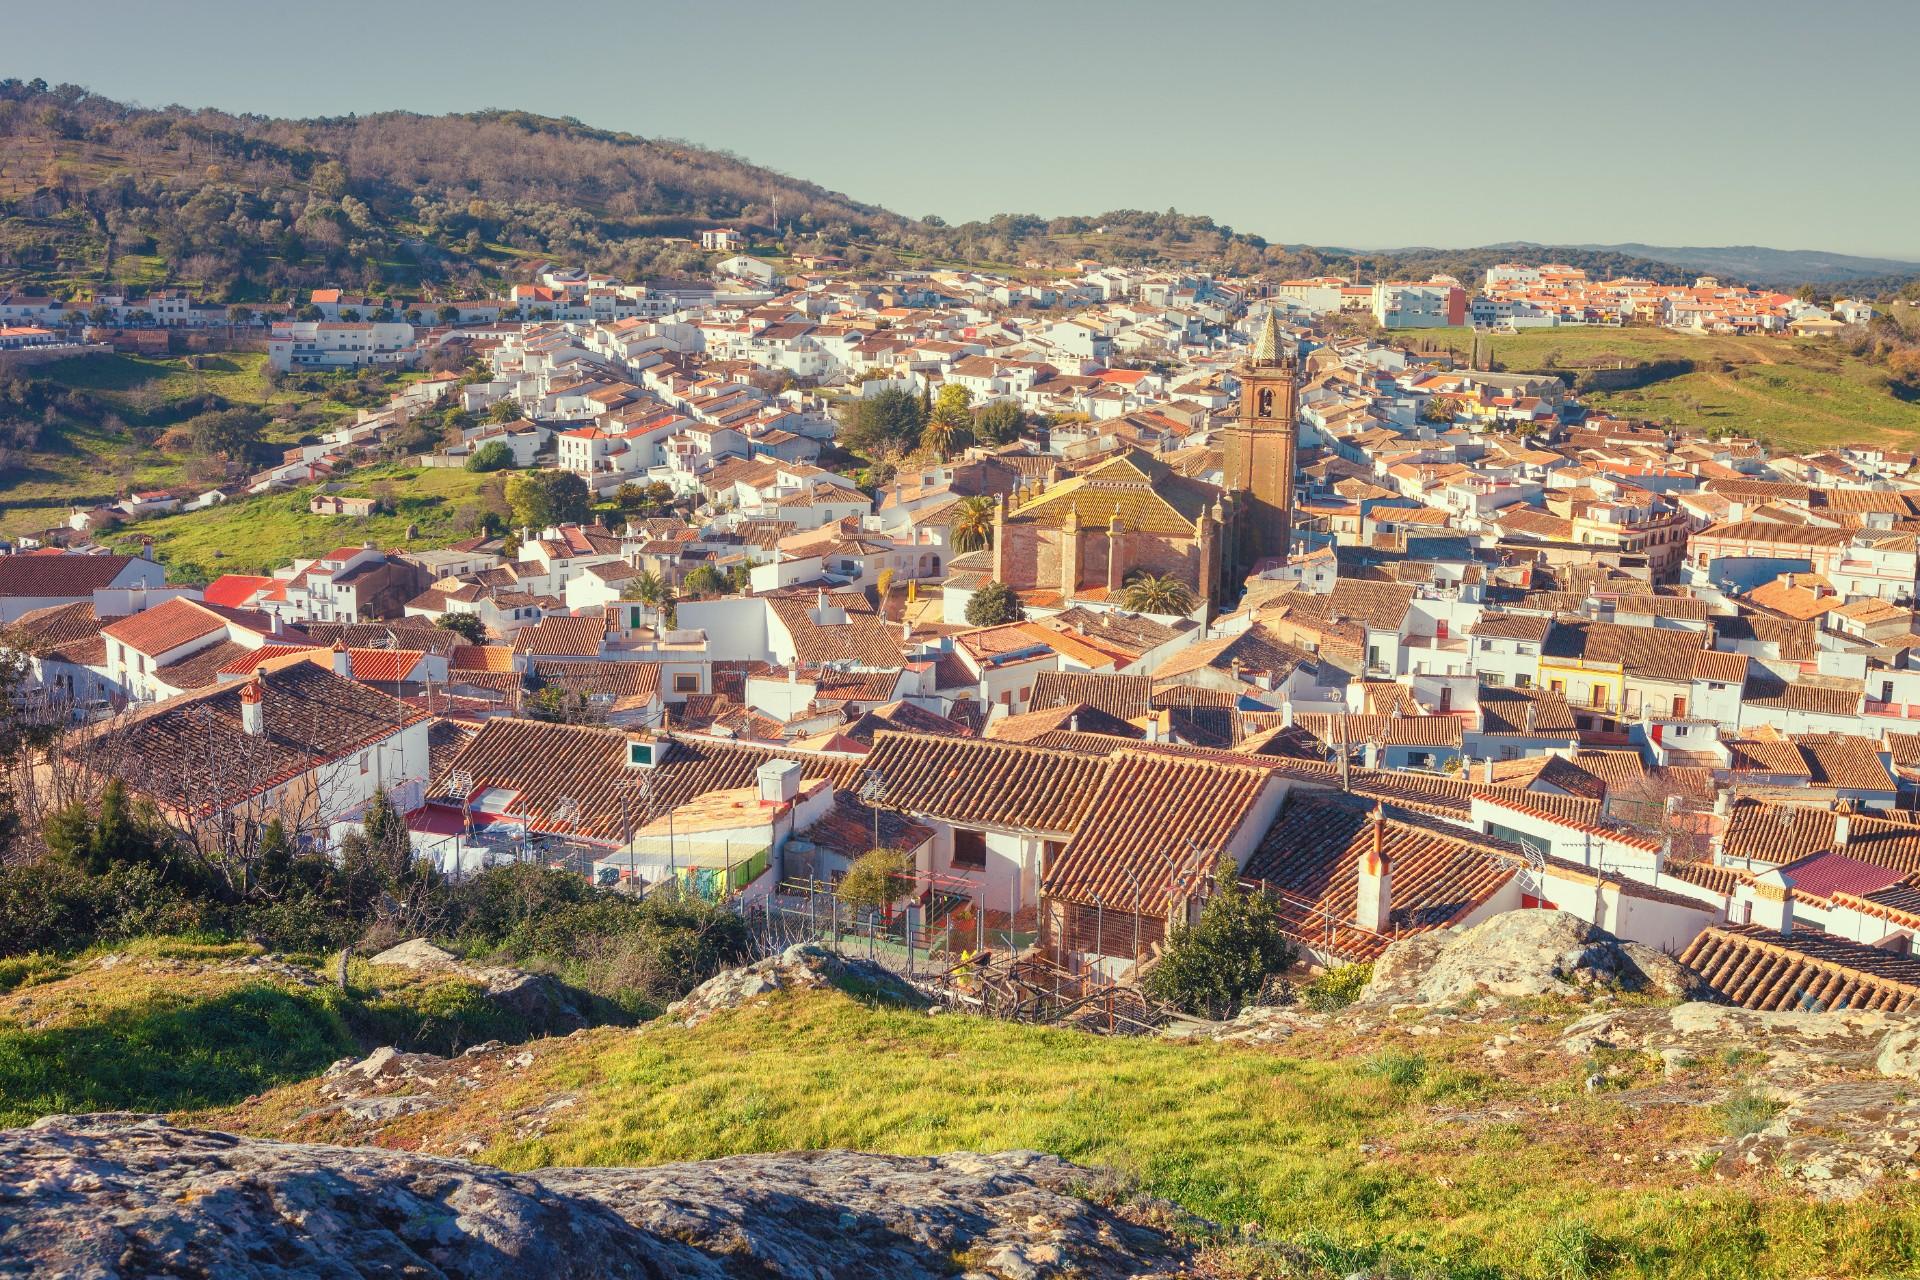 Cortegana Zuid Spanje